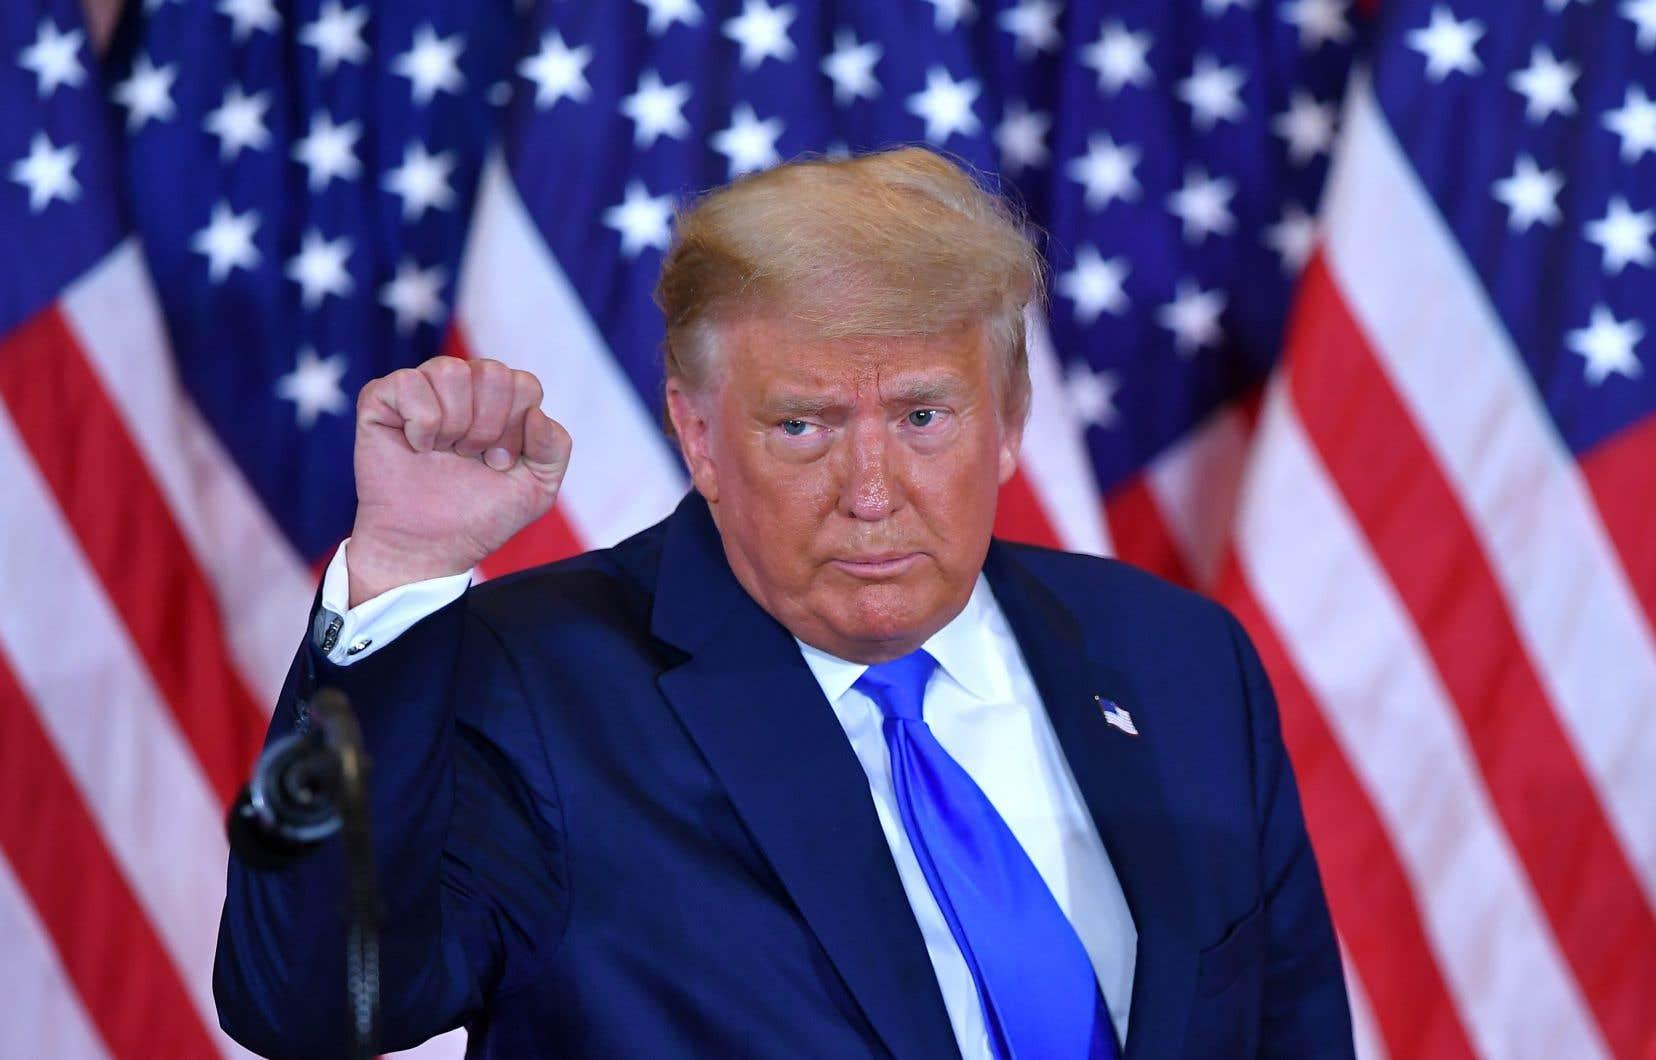 «Nous nous apprêtions à gagner cette élection. Et bien franchement, nous avons gagné cette élection», a clamé Donald Trump.